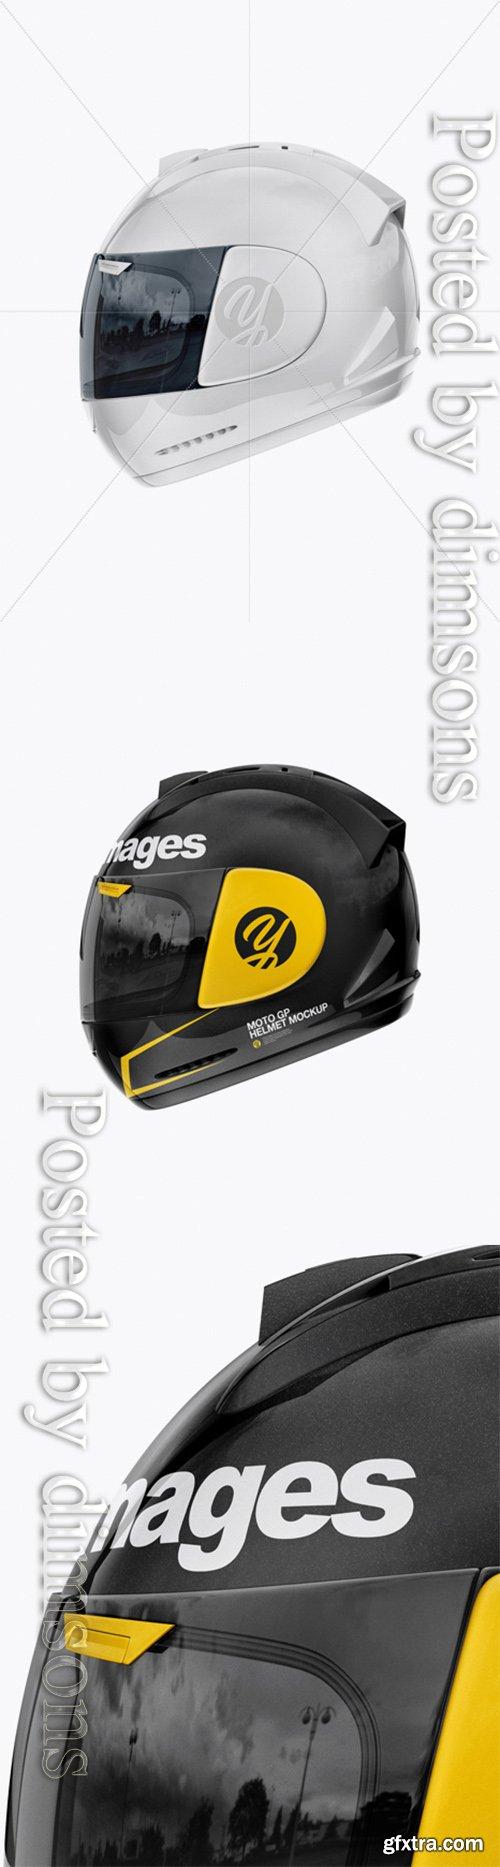 Moto GP Helmet Mockup - Side View 25088